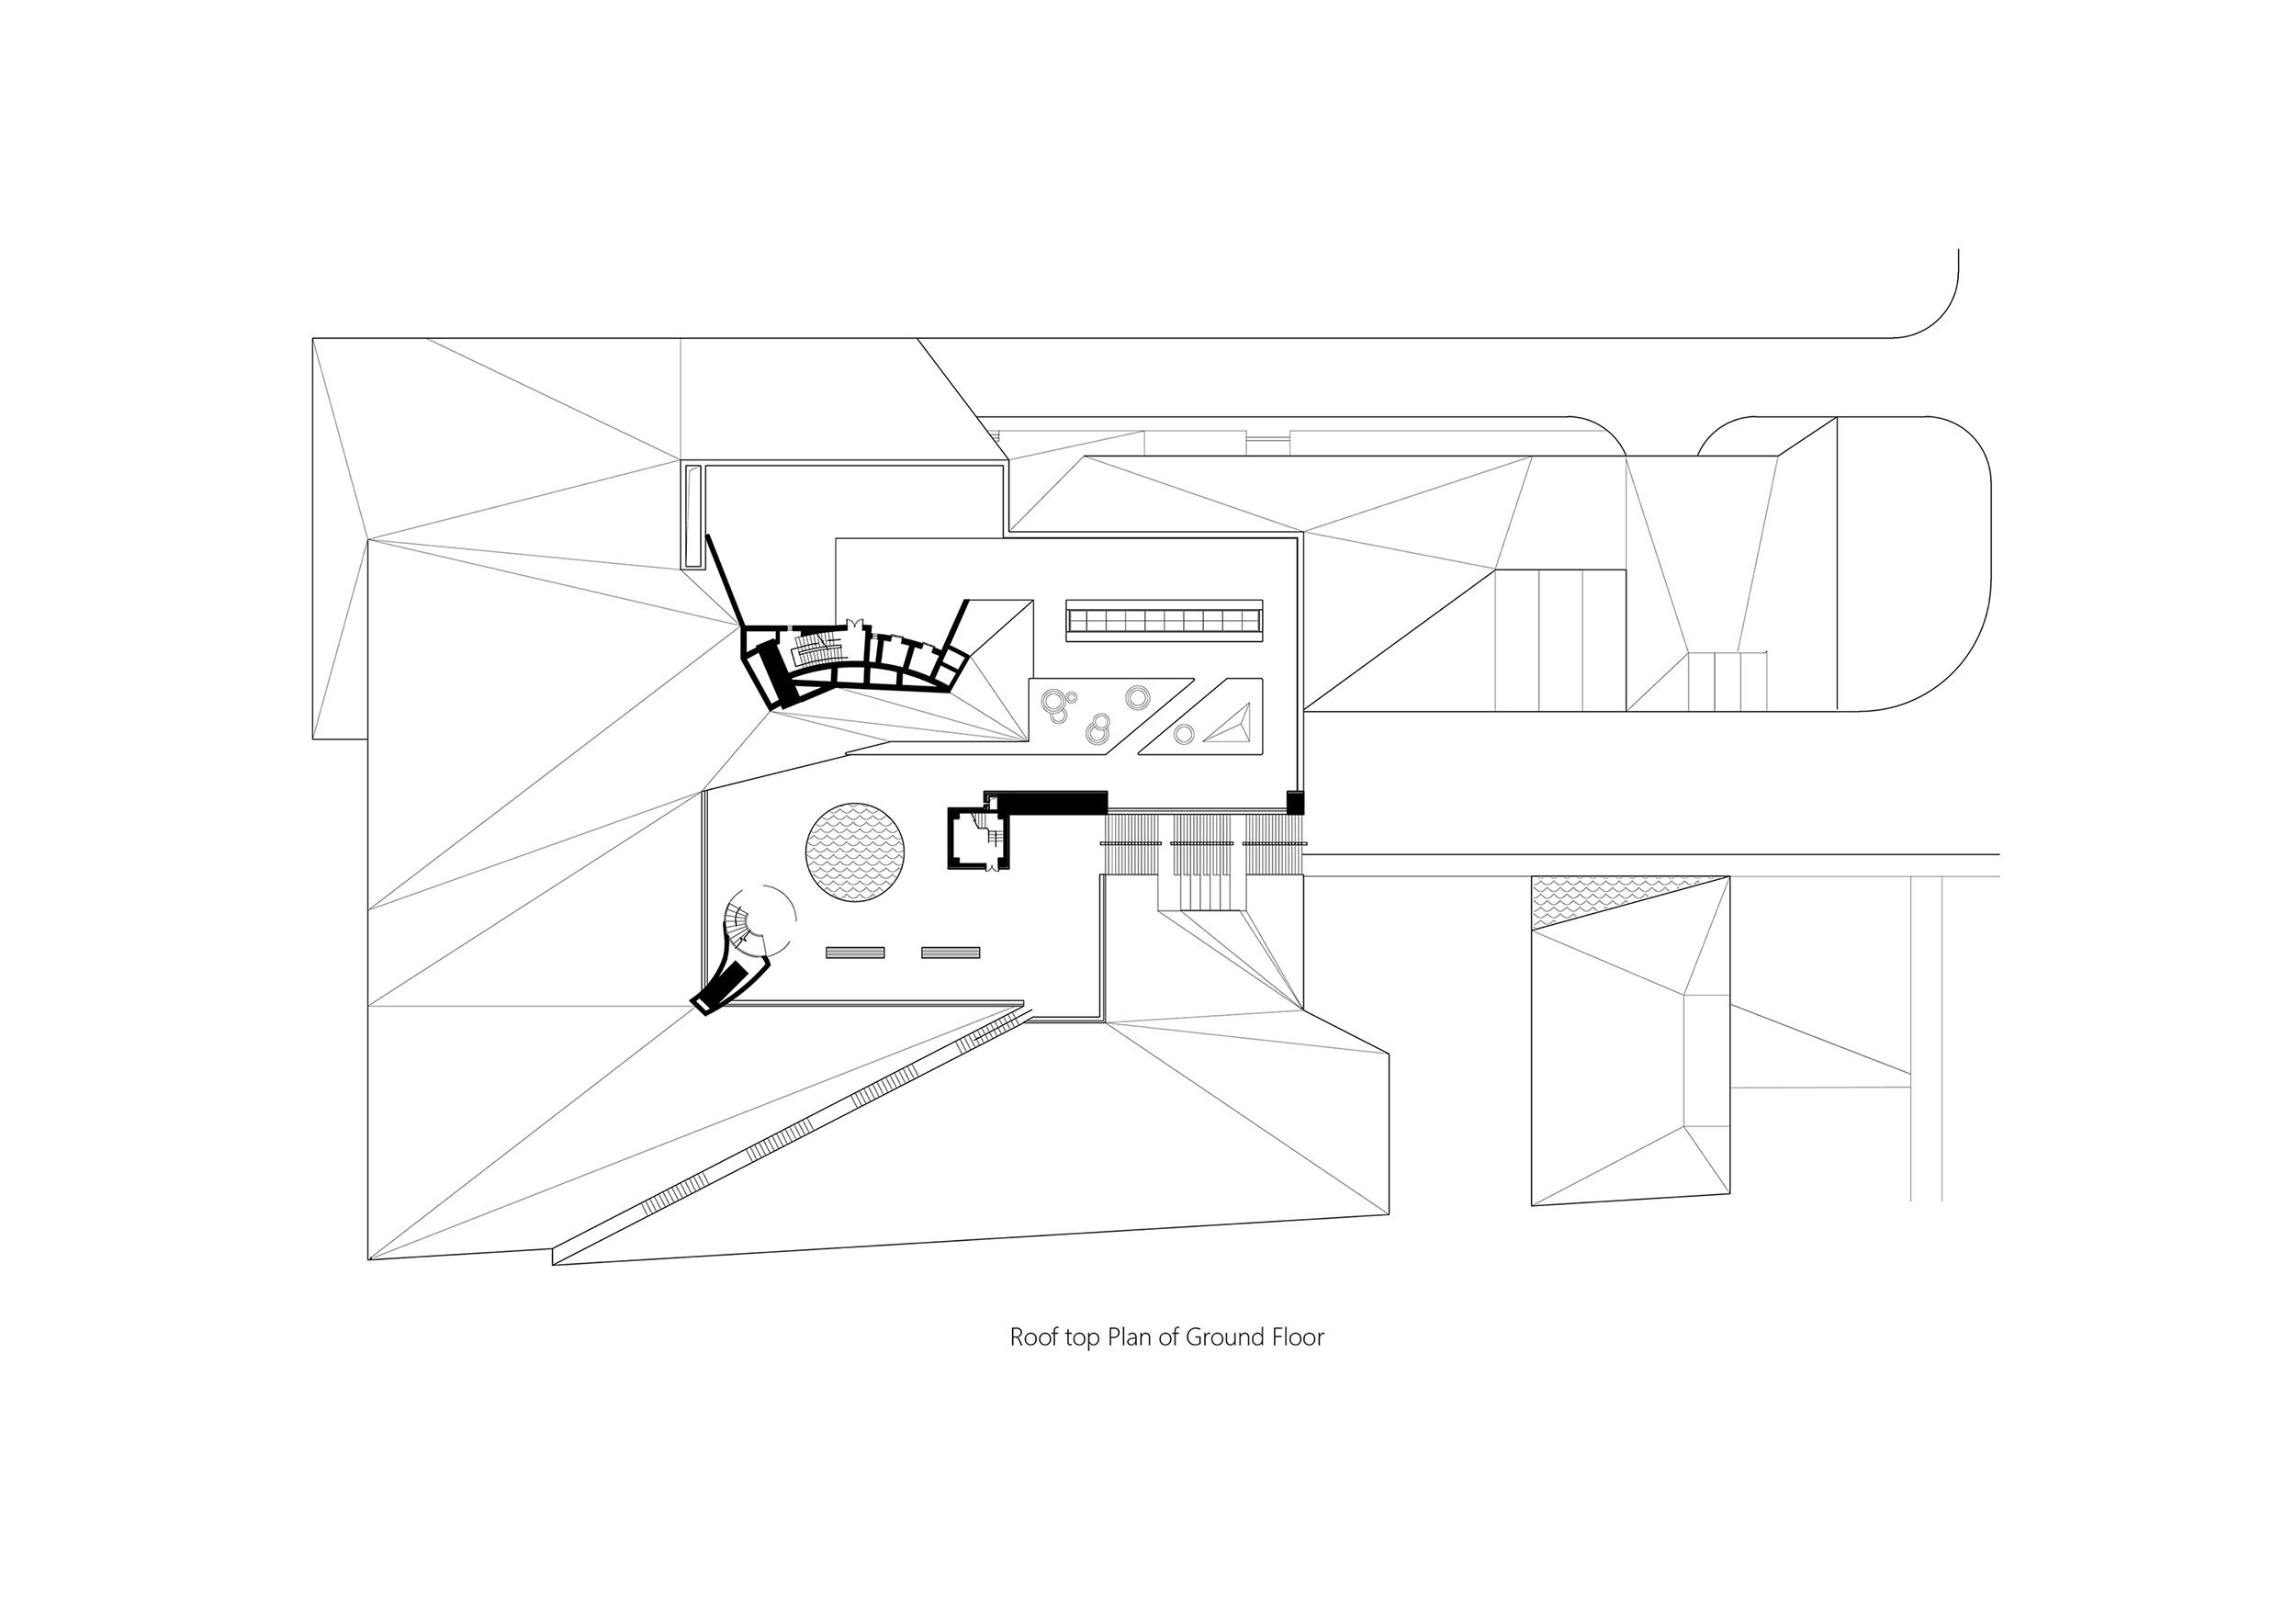 Roof top Plan of  Ground Floor Studio A+}